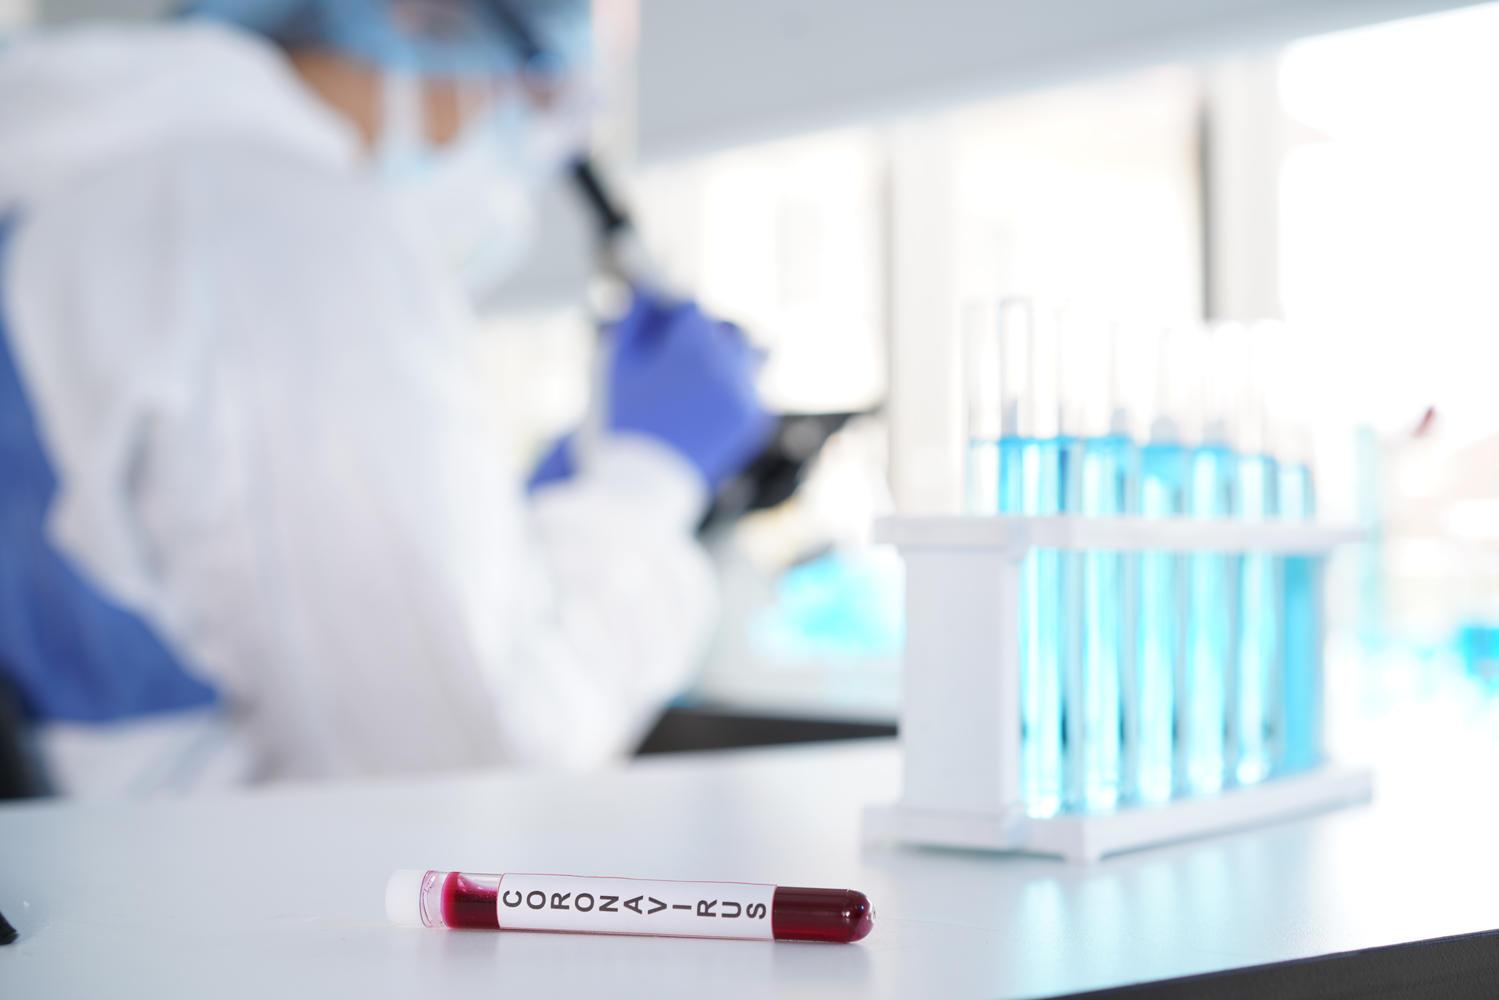 Госдеп США: «Есть новая информация о происхождении пандемии из китайской лаборатории»